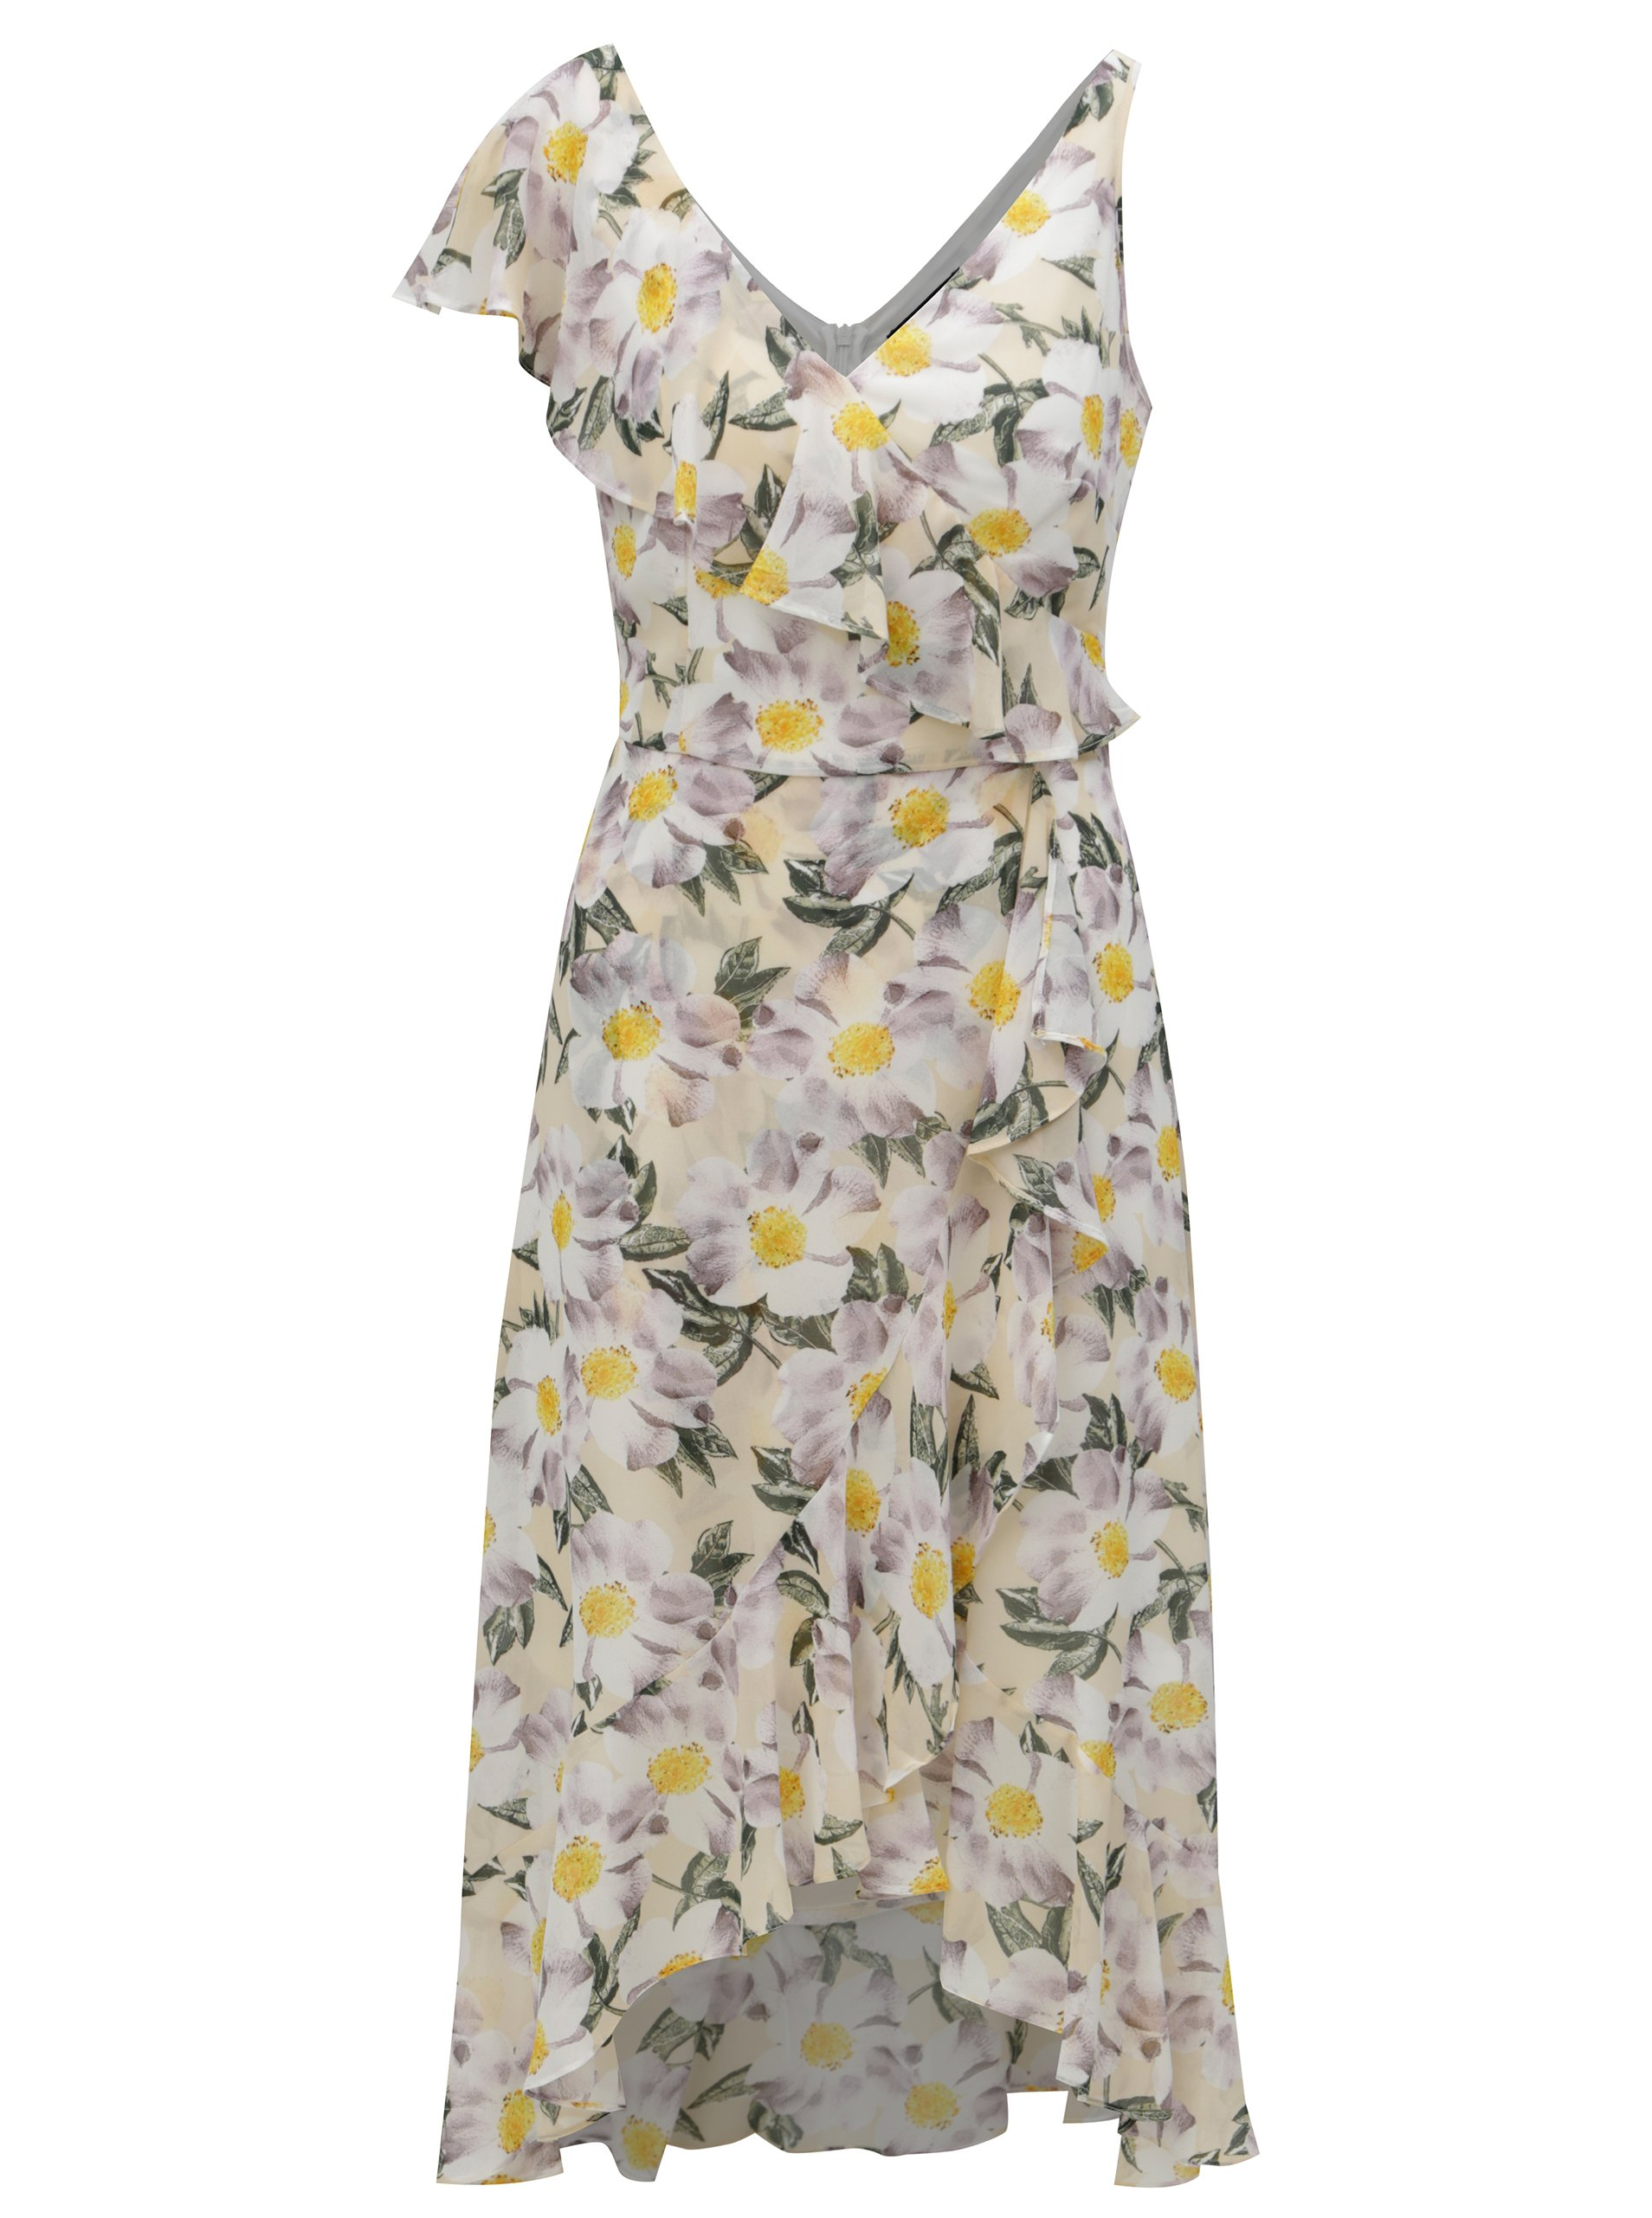 59fcb0a22d88 Bielo-žlté kvetované midi šaty s volánmi Dorothy Perkins